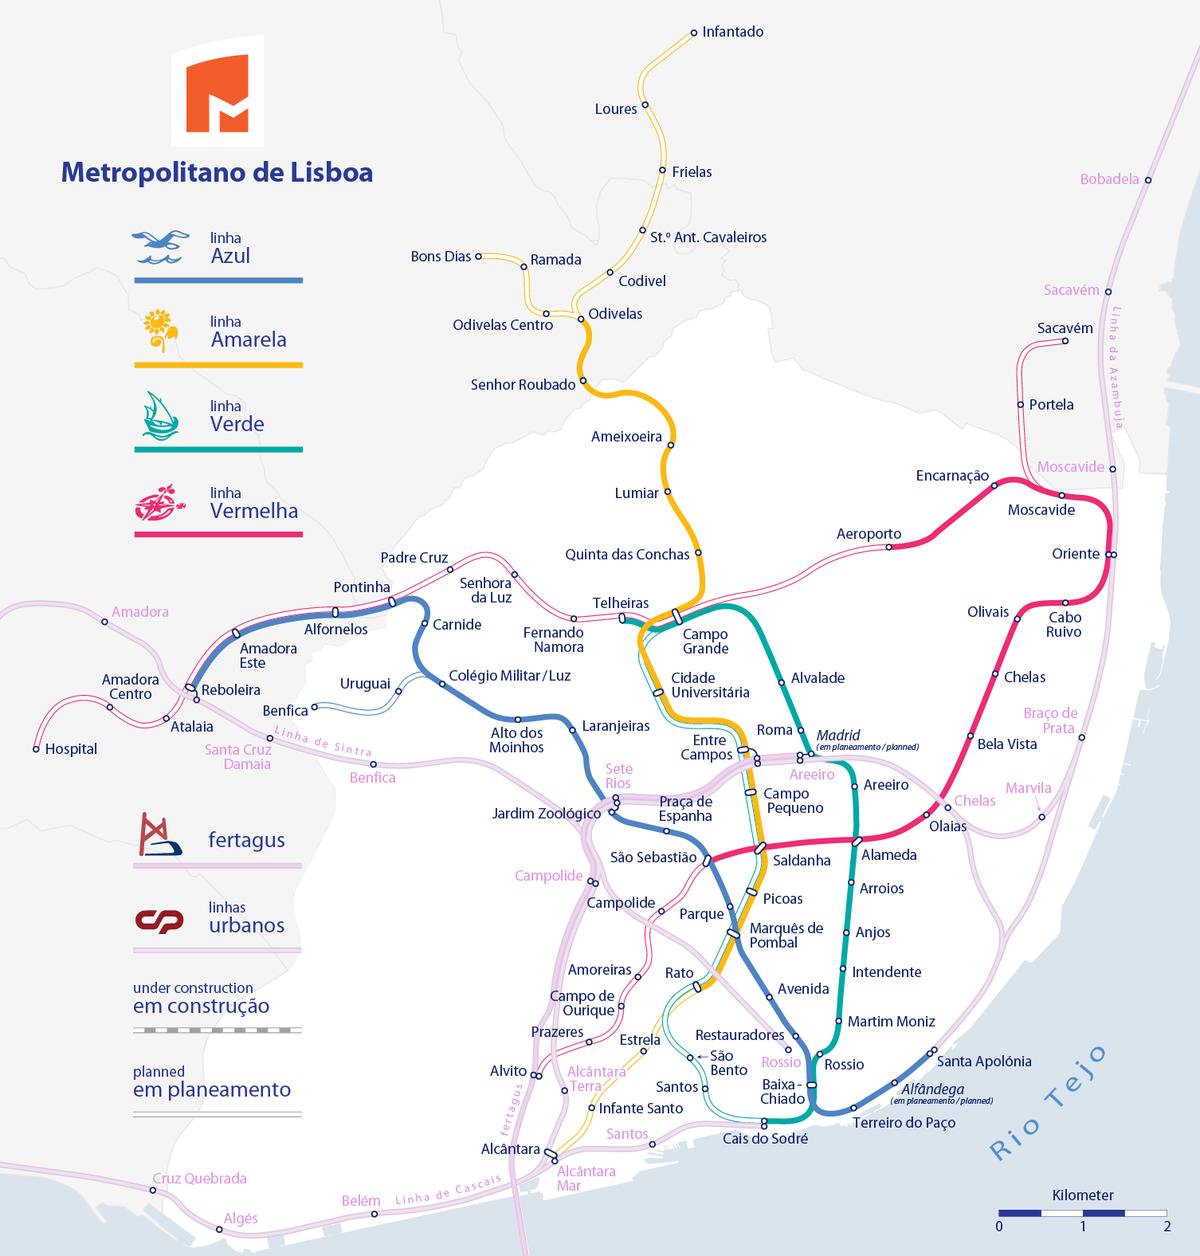 mapa transportes publicos lisboa Transportes de Lisboa – Wikipédia, a enciclopédia livre mapa transportes publicos lisboa